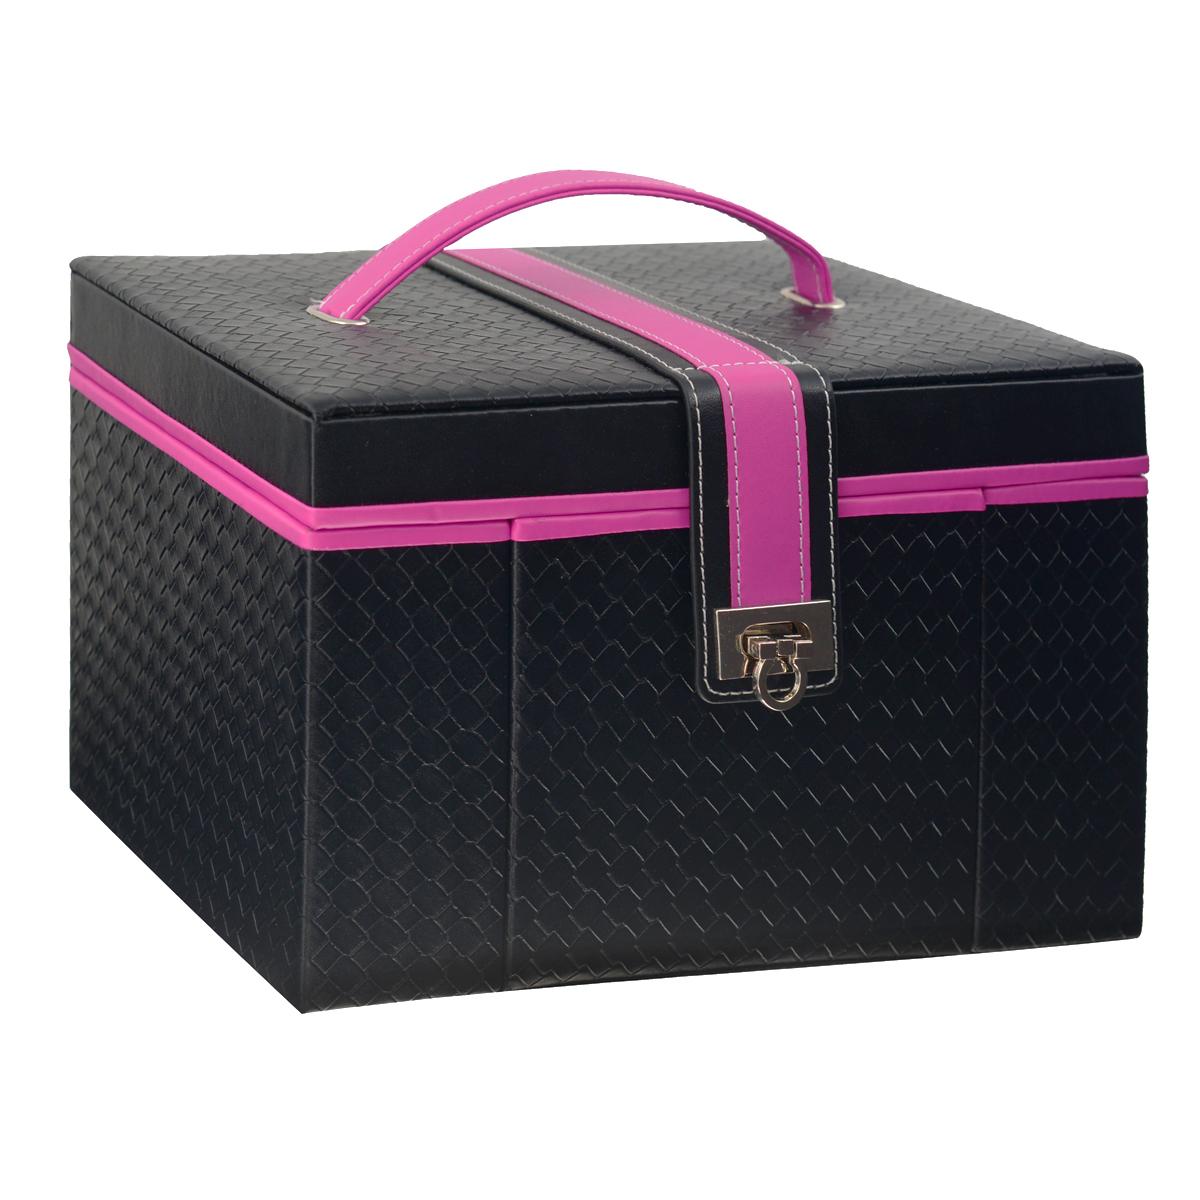 Шкатулка для украшений Graceful, цвет: черный, розовыйJB-02033Прямоугольная шкатулка для украшений выполнена в виде сундучка из искусственной кожи с рельефной поверхностью. Внутренняя поверхность шкатулки отделана бархатом. На внутренней стороне крышки имеется зеркальце, пришивной карман на резинке и четыре ремешка на кнопке. Шкатулка закрывается на ремень с застежкой, крышка оснащена ручкой для удобной переноски изделия. Основное отделение шкатулки содержит две больших секции для цепочек и браслетов, одна из которых оснащена крышкой. Продолговатые валики используются под кольца и серьги. Мини-шкатулка с двумя средними секциями и валиками предназначена для хранения небольших украшений. Специальное боковое отделение содержит съемную двустороннюю секцию с двумя кармашками, четырьмя крючками и ремнем на кнопке. Кроме того, шкатулка оснащена двумя выдвижными ящичками с большими секциями для хранения более крупных украшений.Великолепная шкатулка не оставит равнодушной ни одну любительницу изысканных вещей. Сочетание оригинального дизайна и функциональности сделает такую шкатулку практичным и стильным подарком и предметом гордости ее обладательницы.